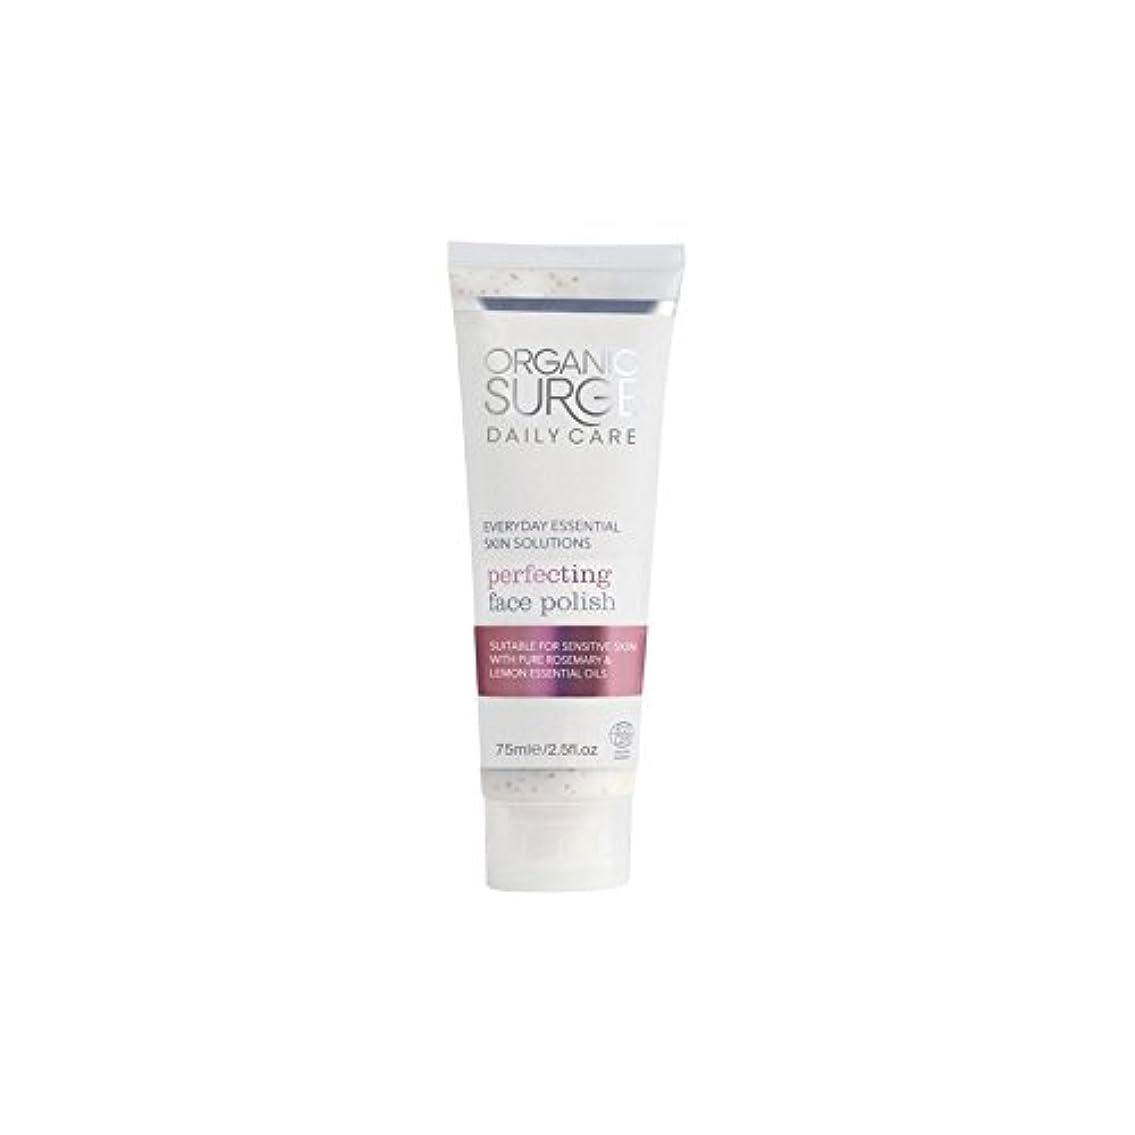 プラスふさわしい脅かすOrganic Surge Daily Care Perfecting Face Polish (75ml) - 面研磨を完成有機サージ毎日のケア(75ミリリットル) [並行輸入品]